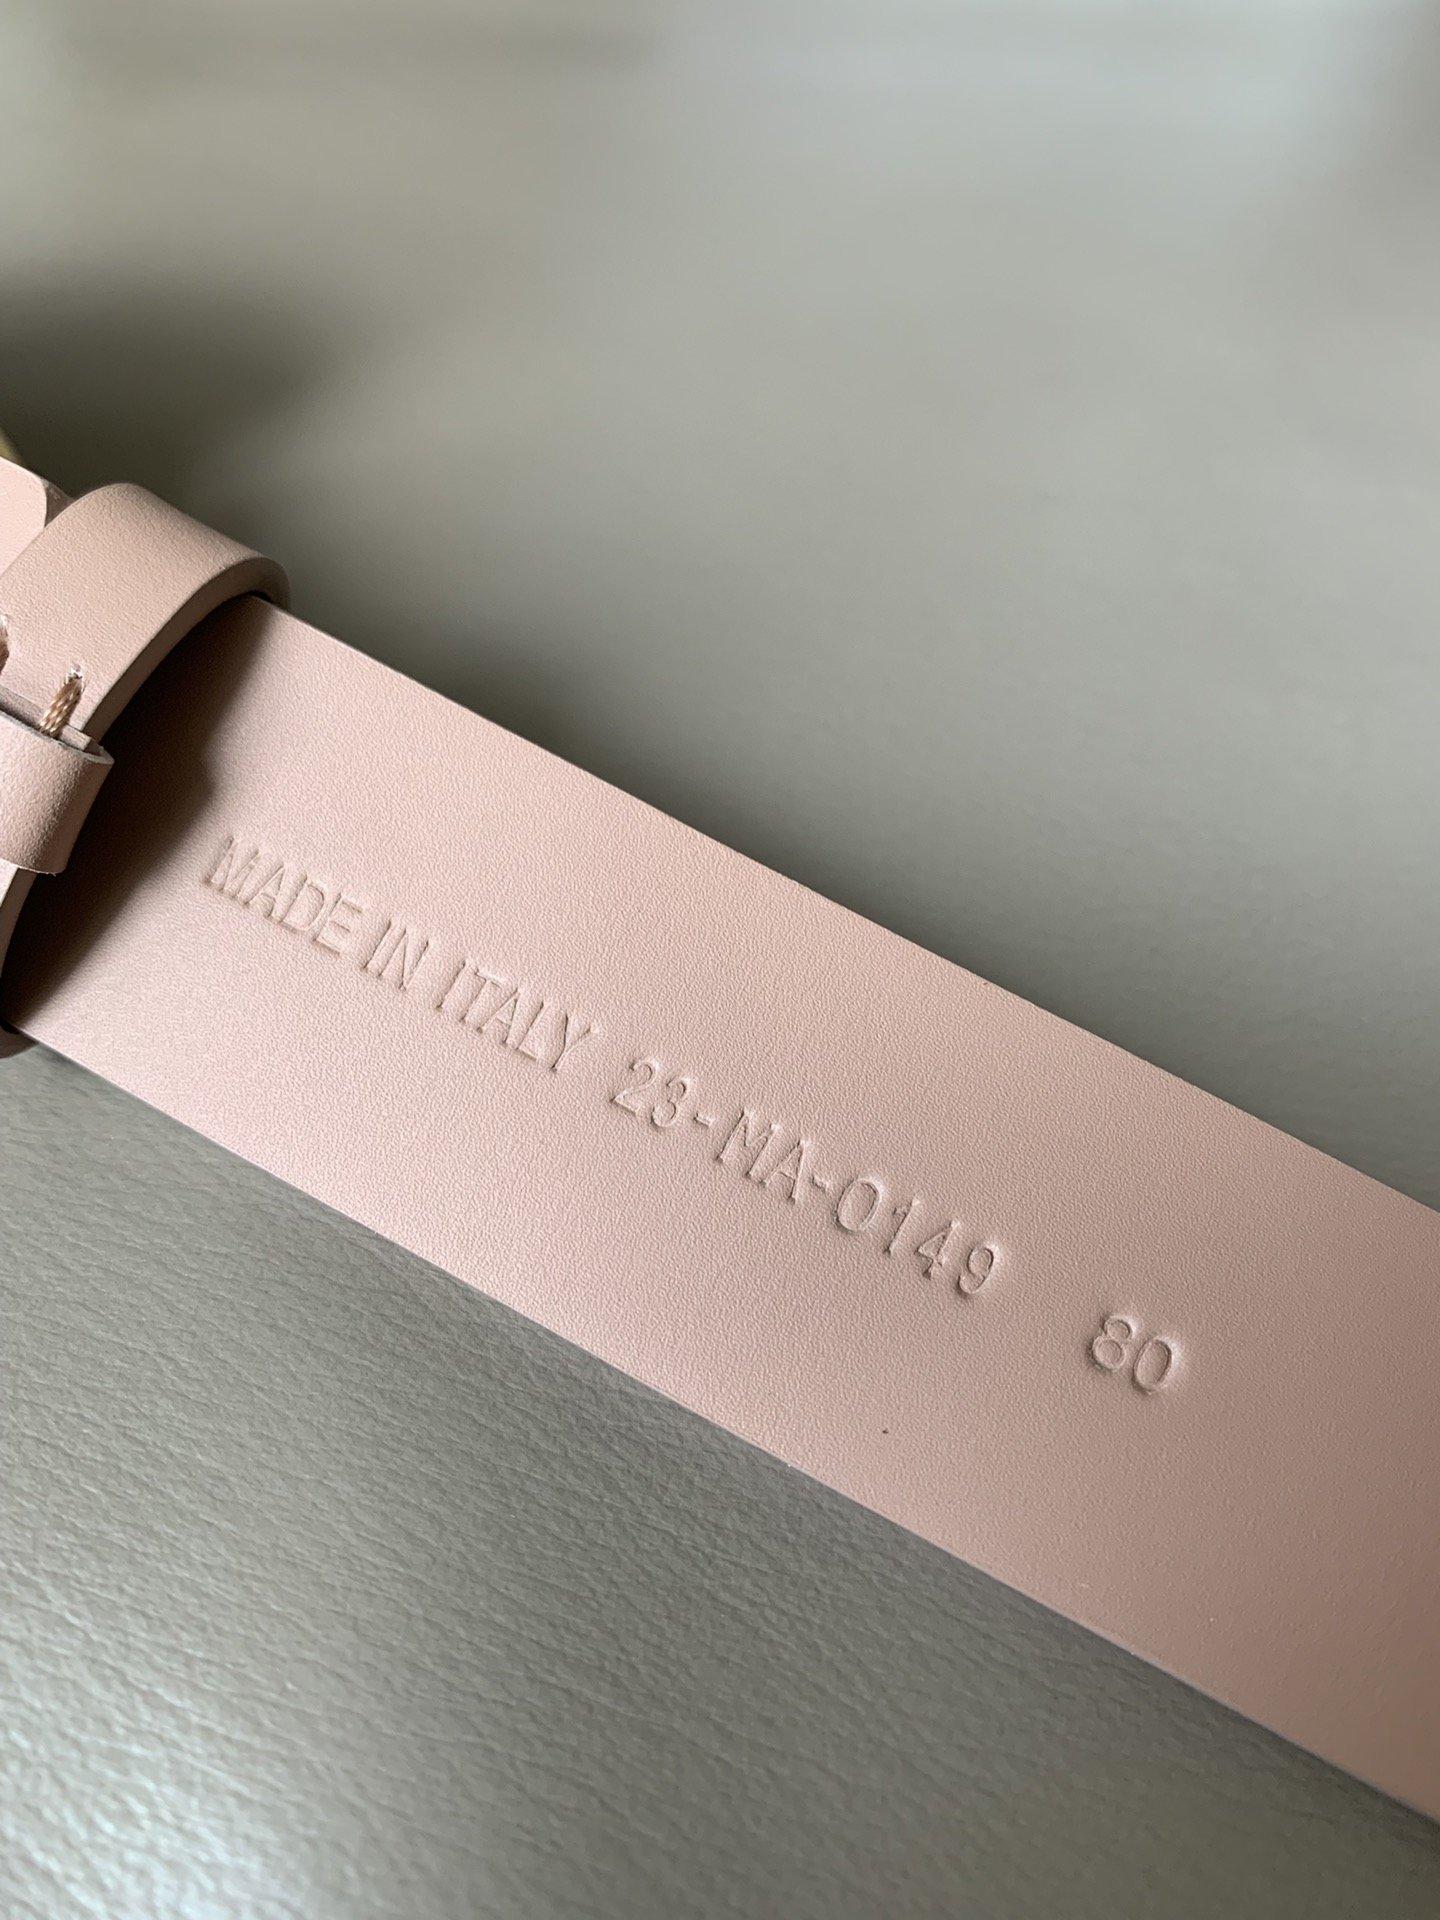 Dior新款双面意大利级顶进口头层平纹小牛皮女士腰带(图7)